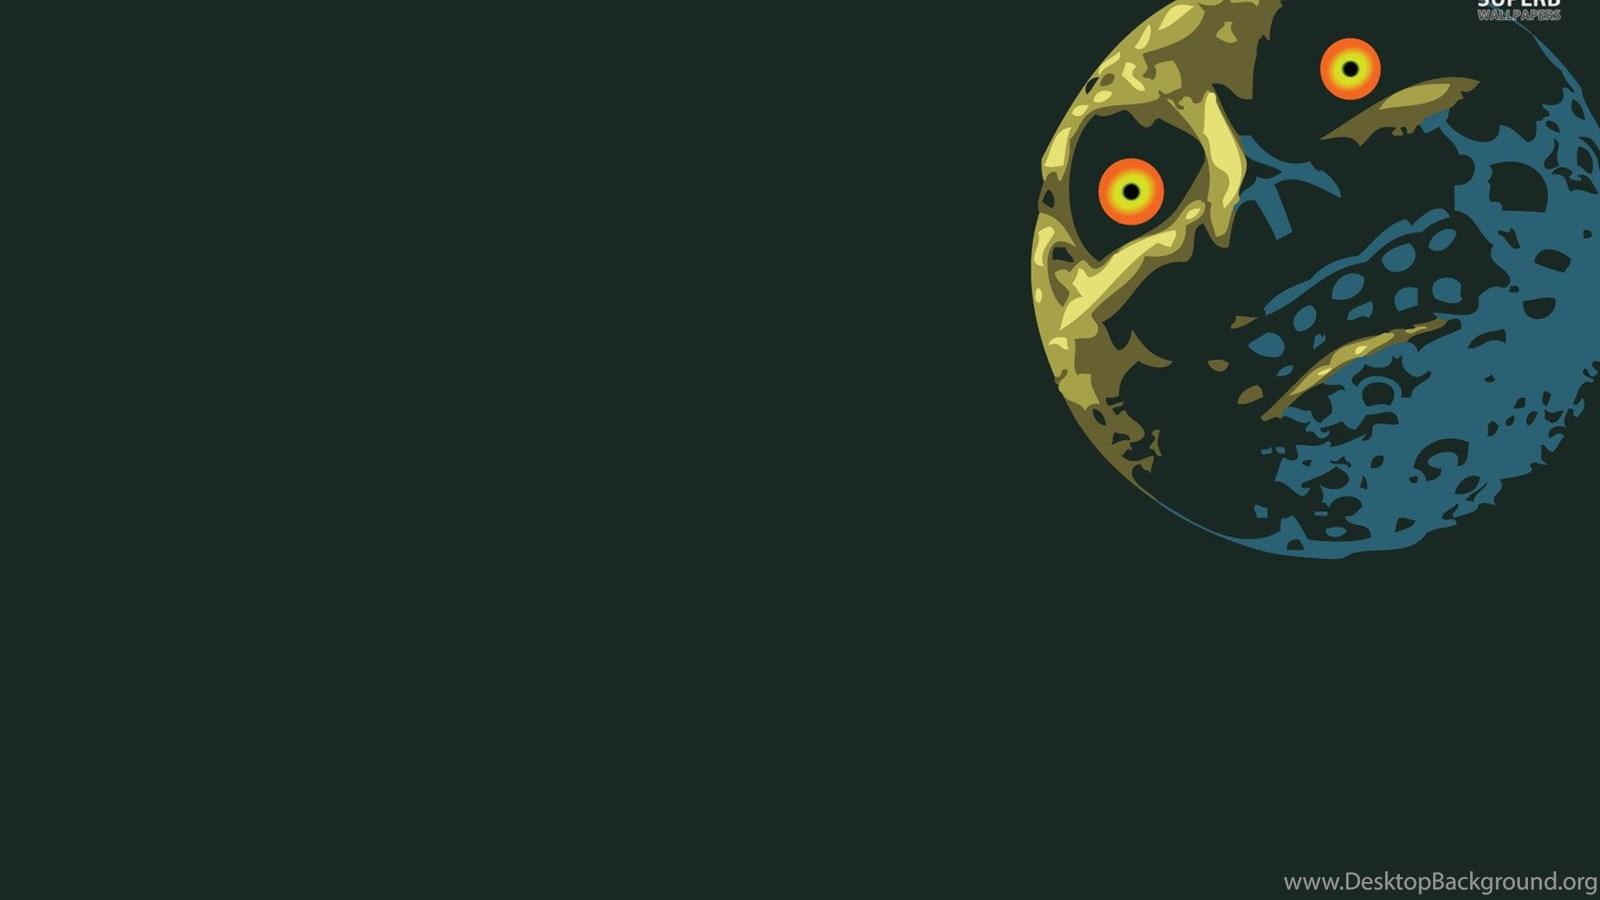 Moon The Legend Of Zelda Majora S Mask Wallpapers Game